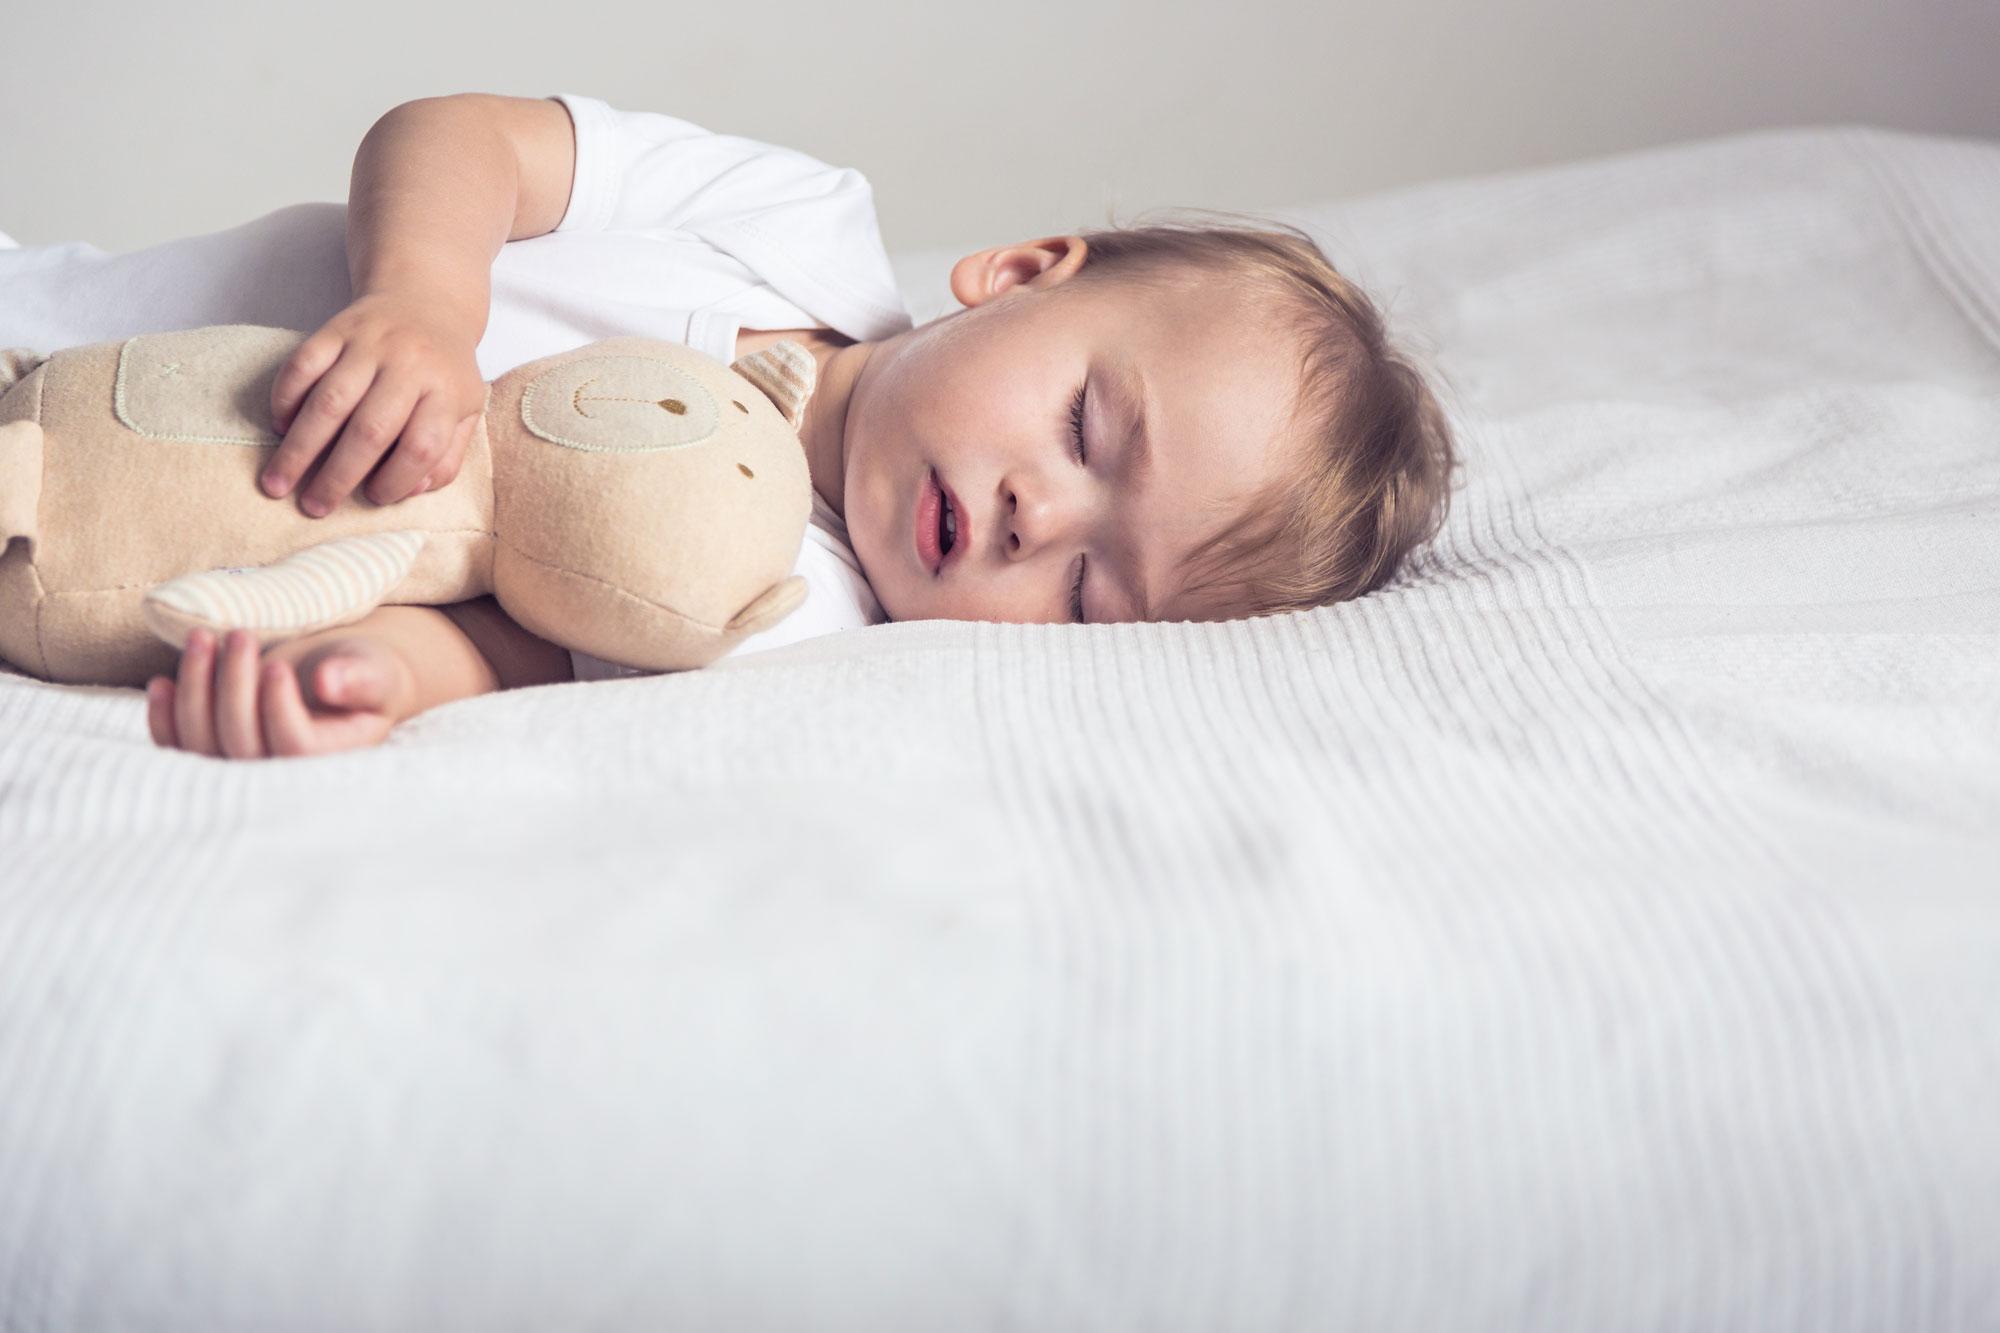 quelques conseils pour aider son enfant s 39 endormir tout seul m decine. Black Bedroom Furniture Sets. Home Design Ideas